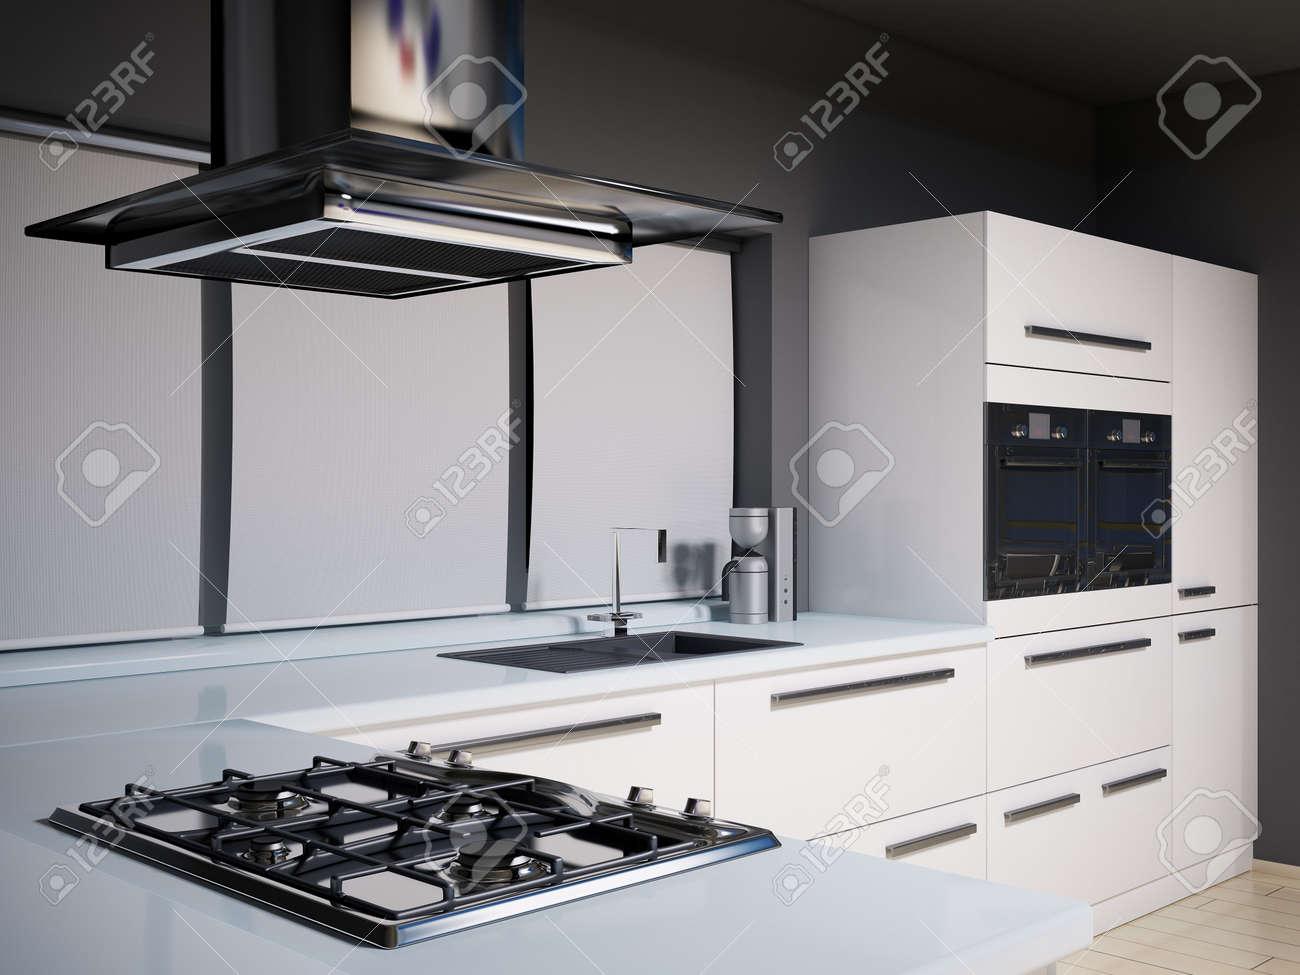 Intérieur De La Cuisine Moderne Avec Gazinière Rendu 3d Banque D ...